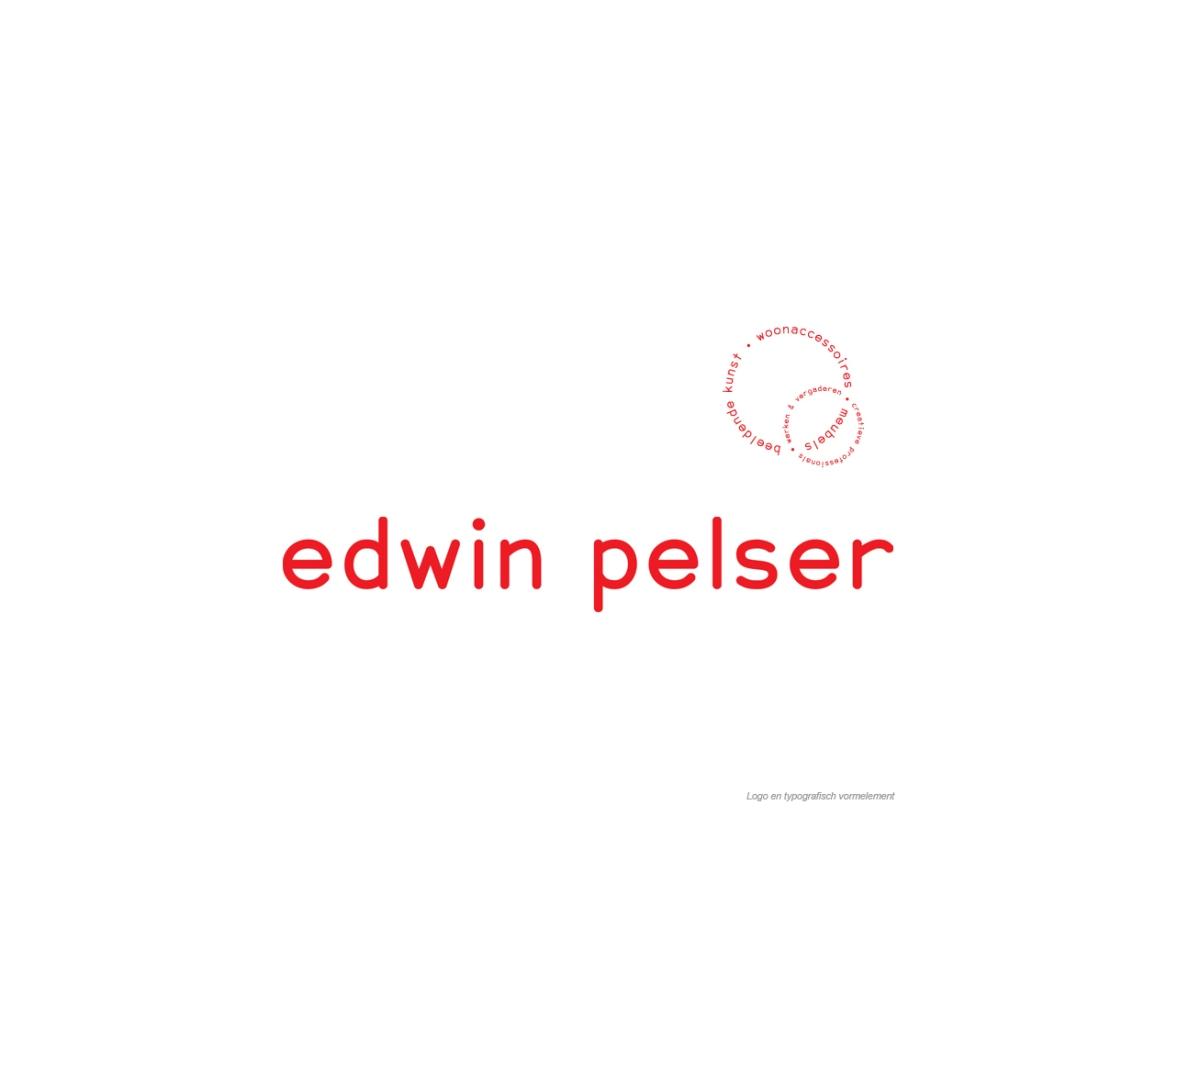 #HOTSPOT | EDWIN PELSER | DEN HAAG